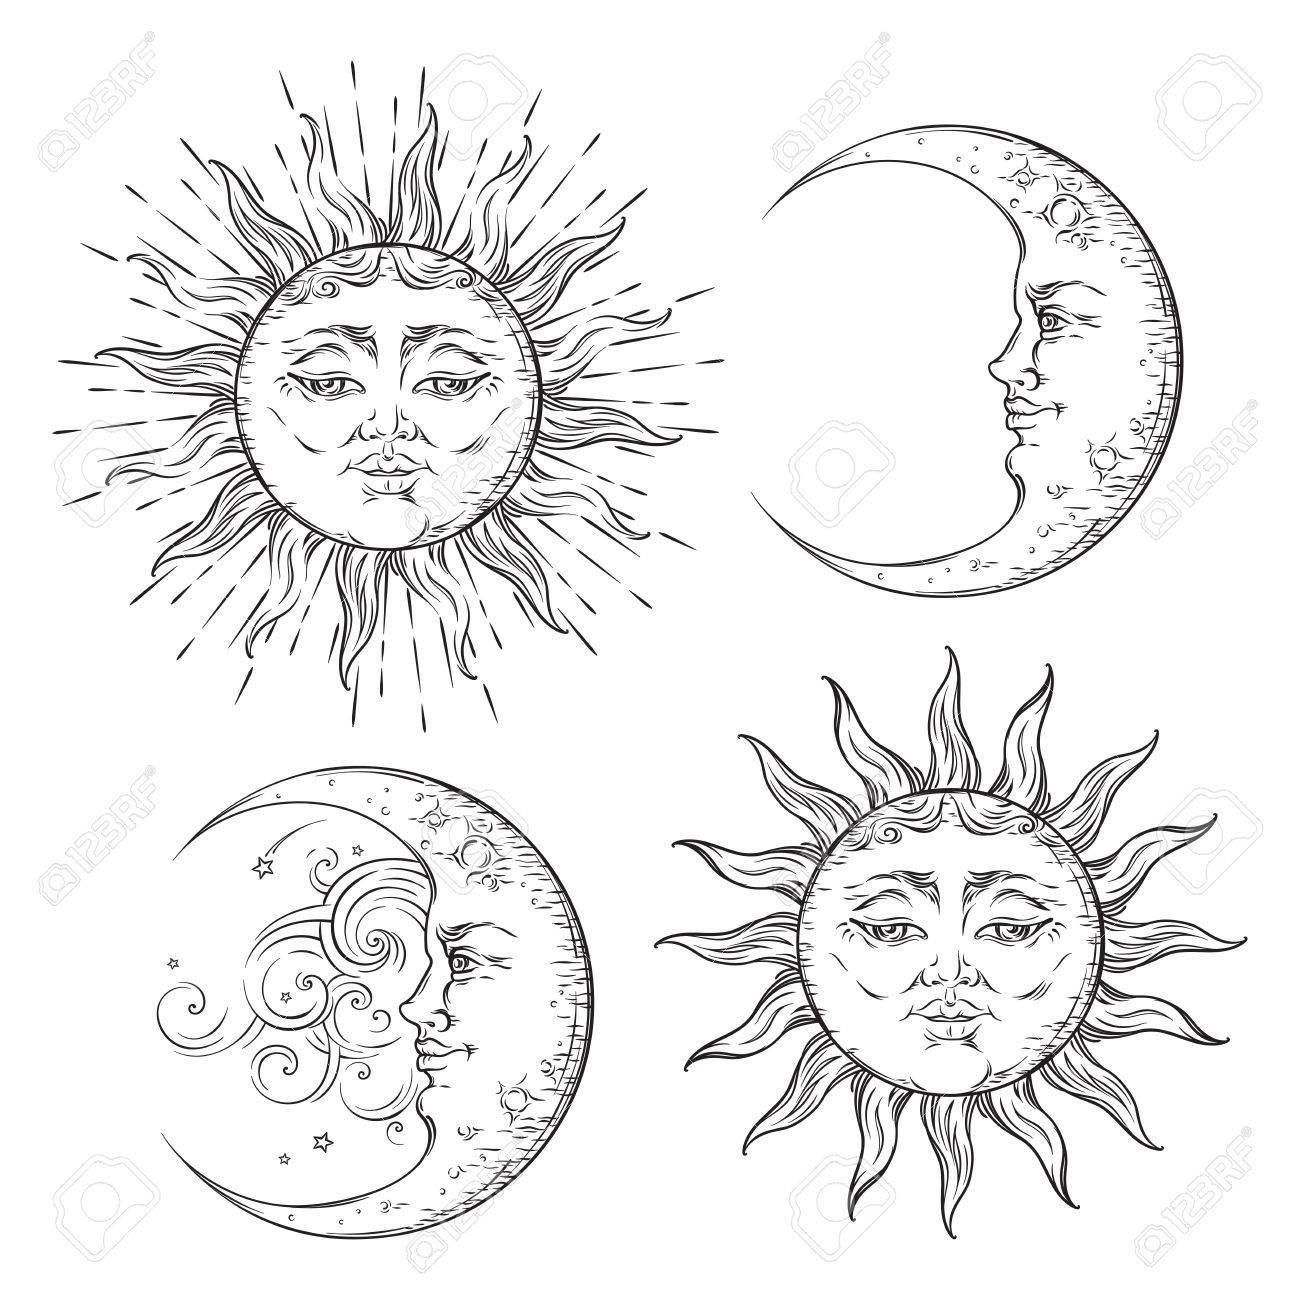 Boho Flash Conception De Tatouage Dessiné à La Main Art Soleil Et Ensemble Croissant De Lune Vecteur De Conception De Style Antique Isolé Sur Fond